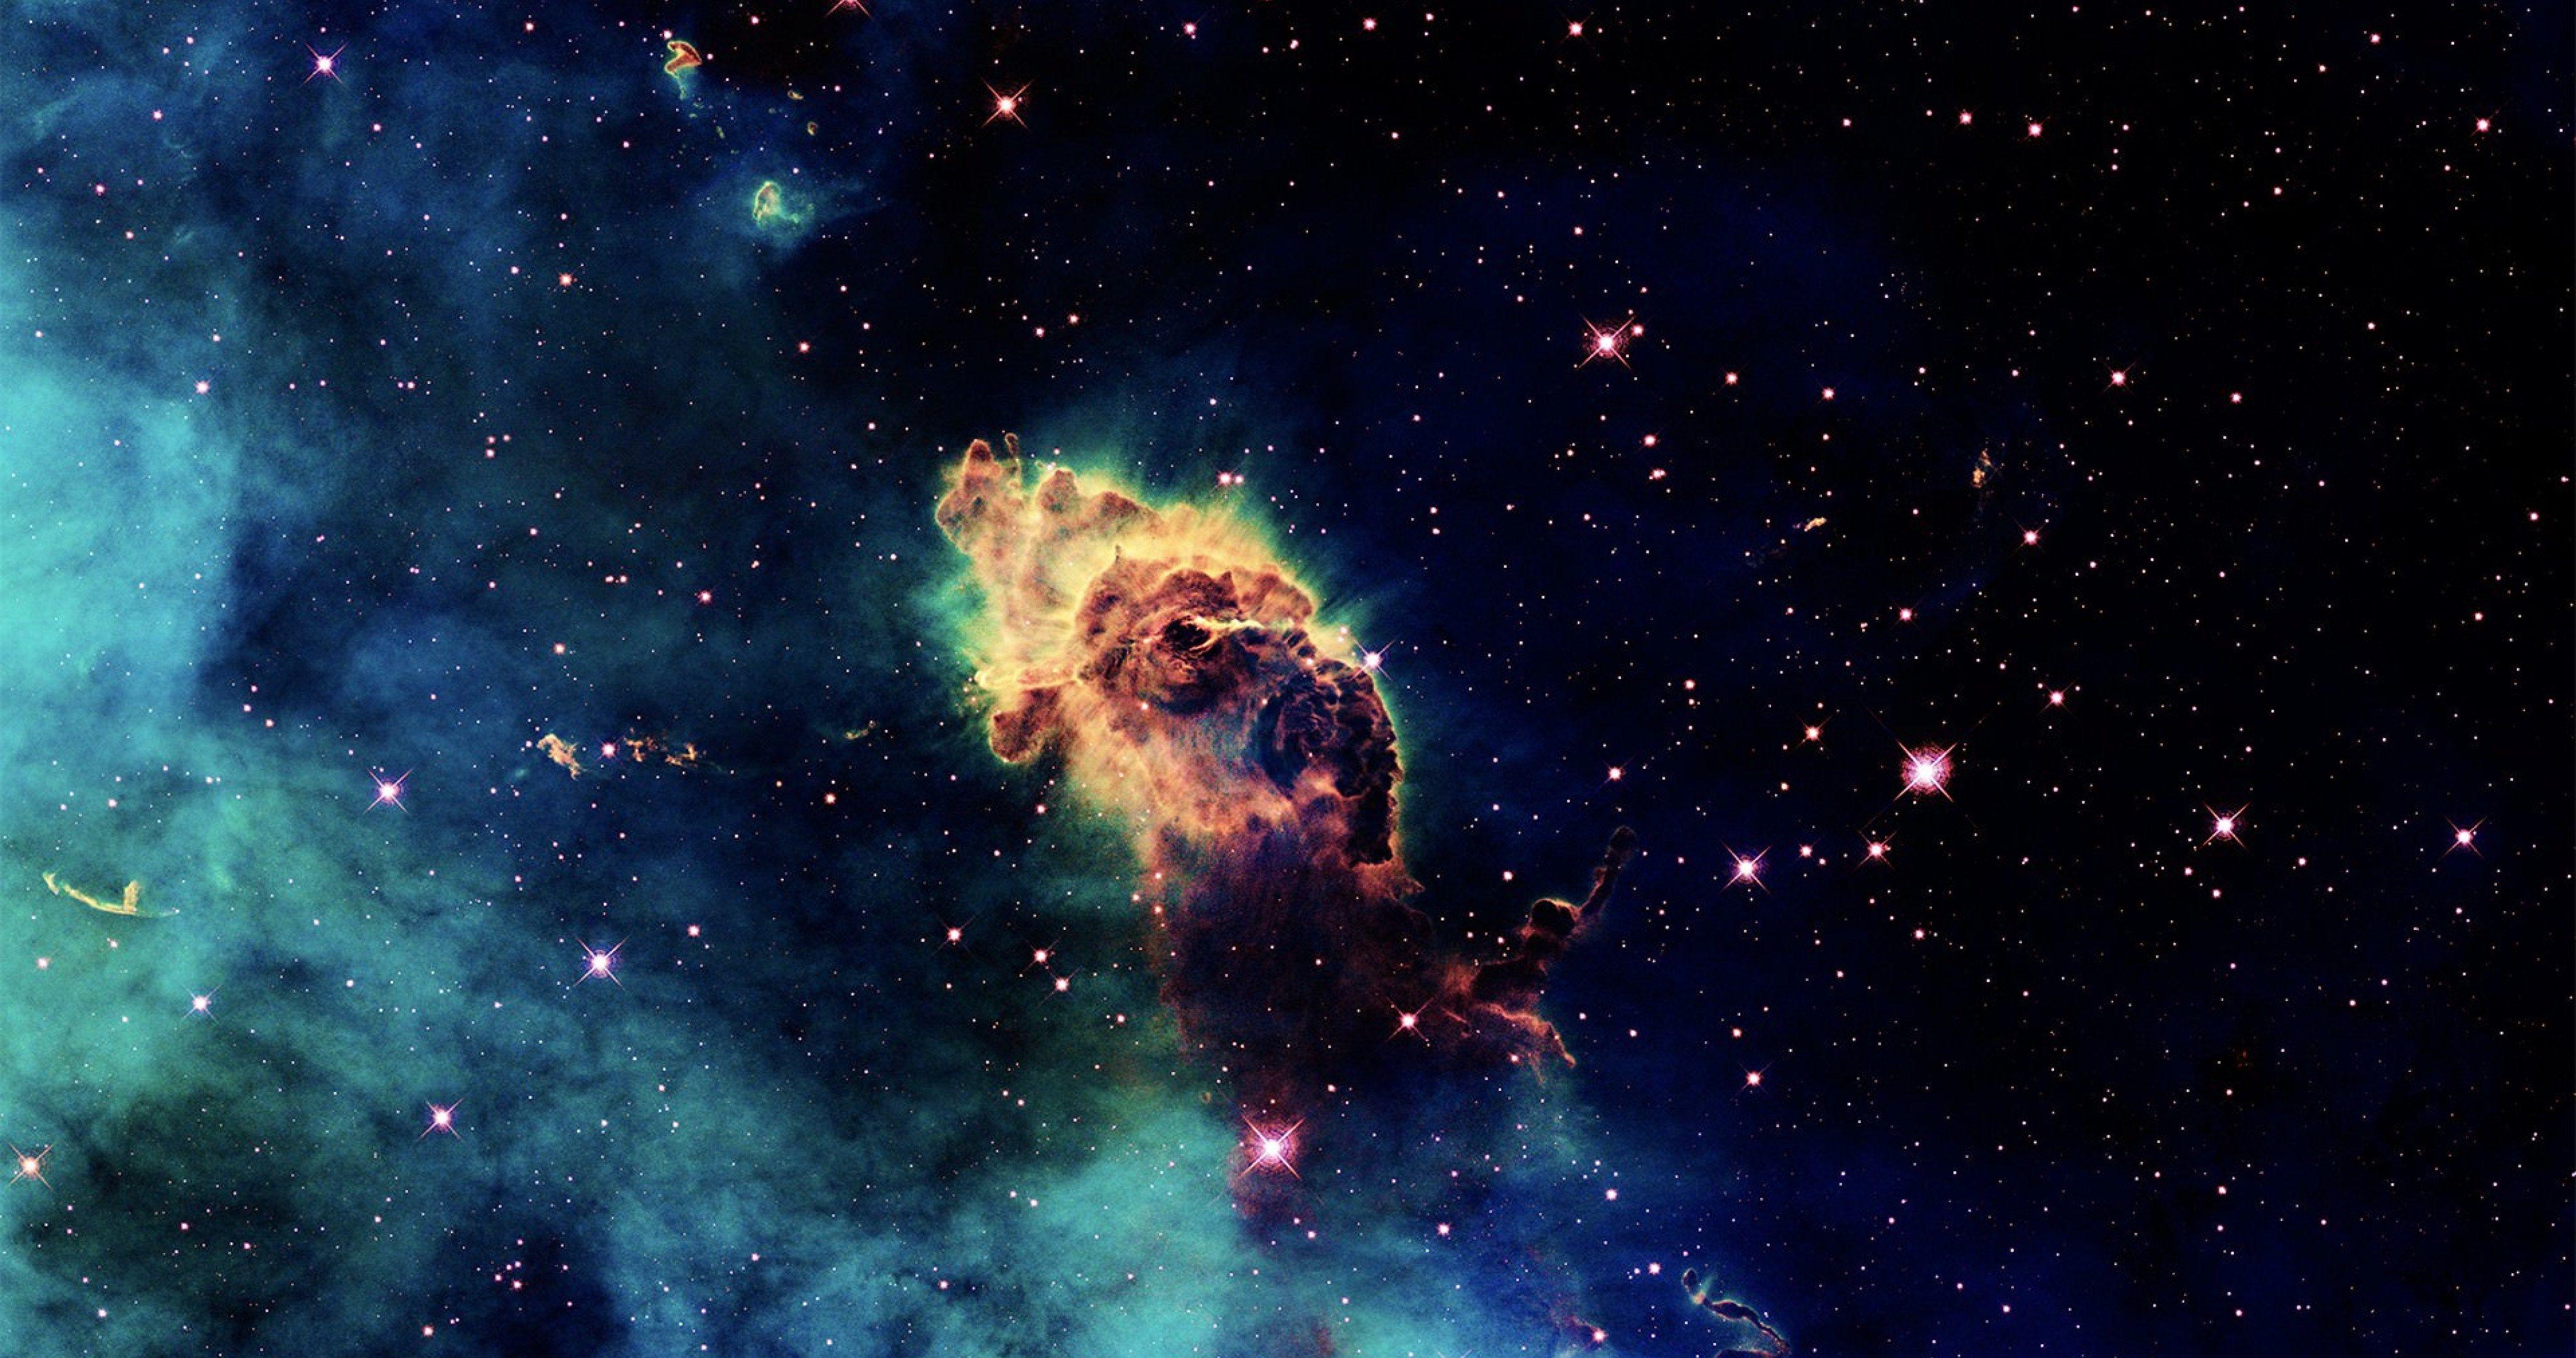 Nebula In Our Galaxy 4k Ultra Hd Wallpaper Space Telescope Nebula Carina Nebula